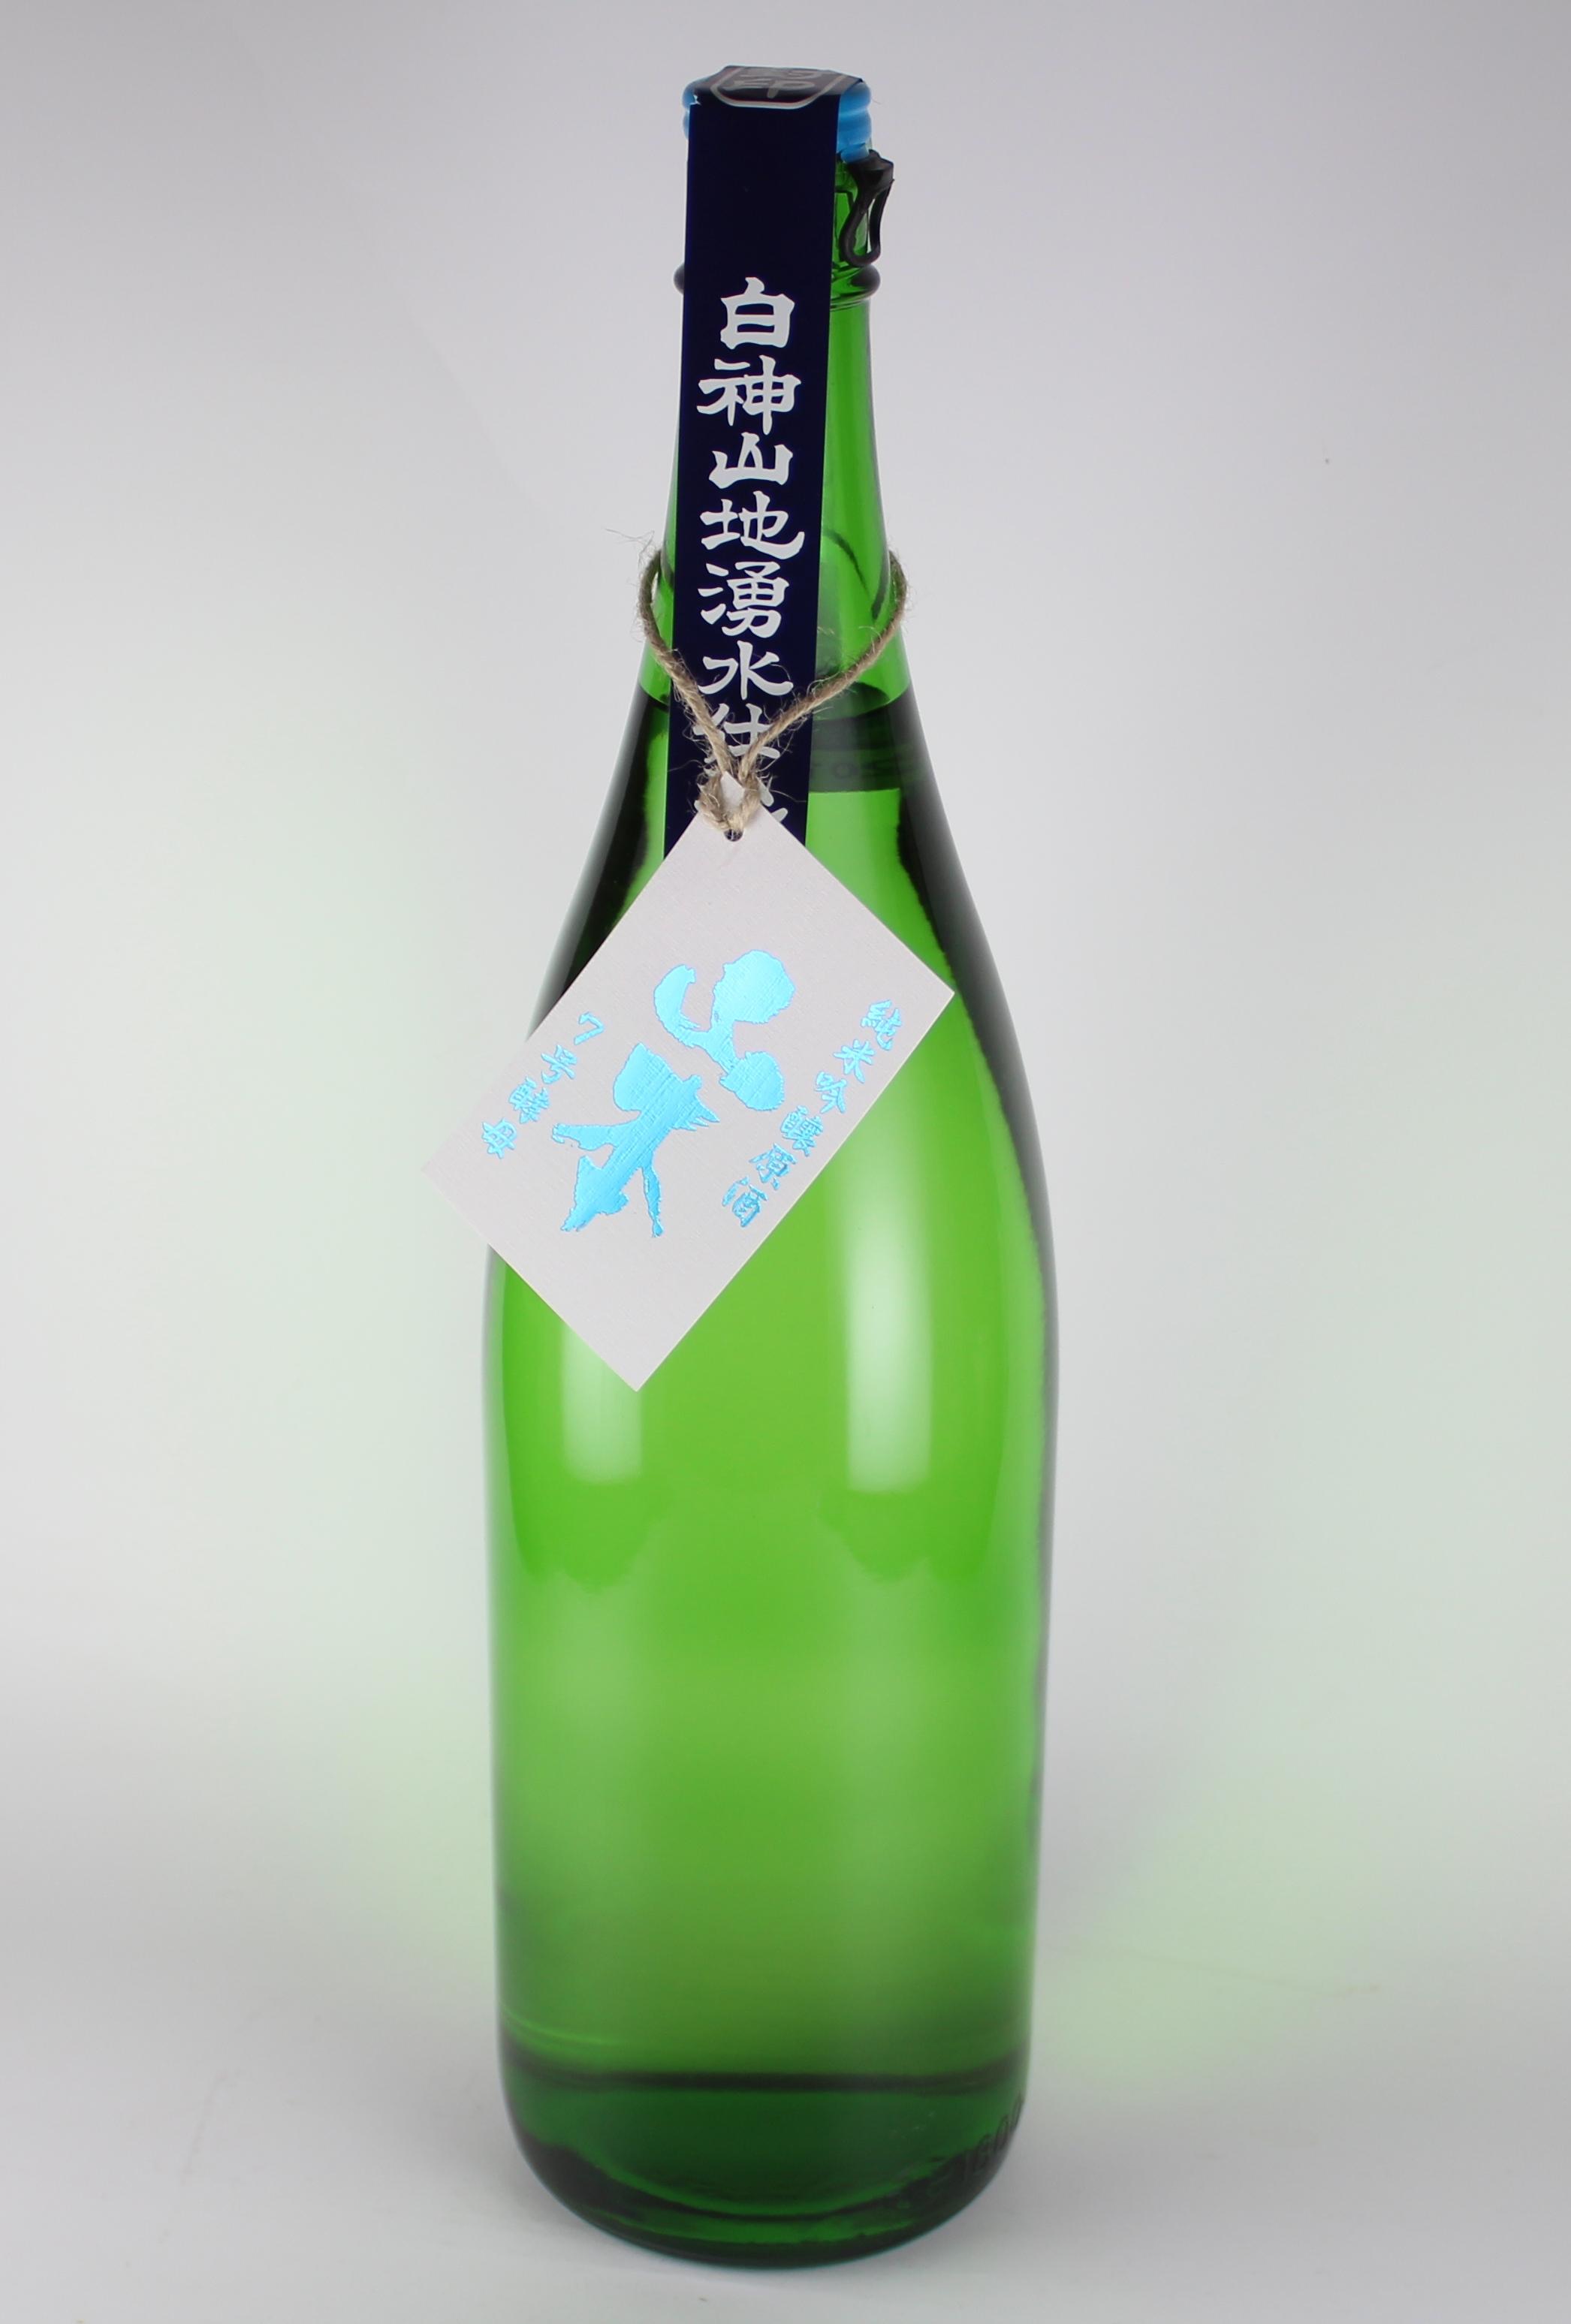 白瀑 山本 7号酵母仕込 純米吟醸無濾過生原酒 1800ml 【秋田/山本合名】